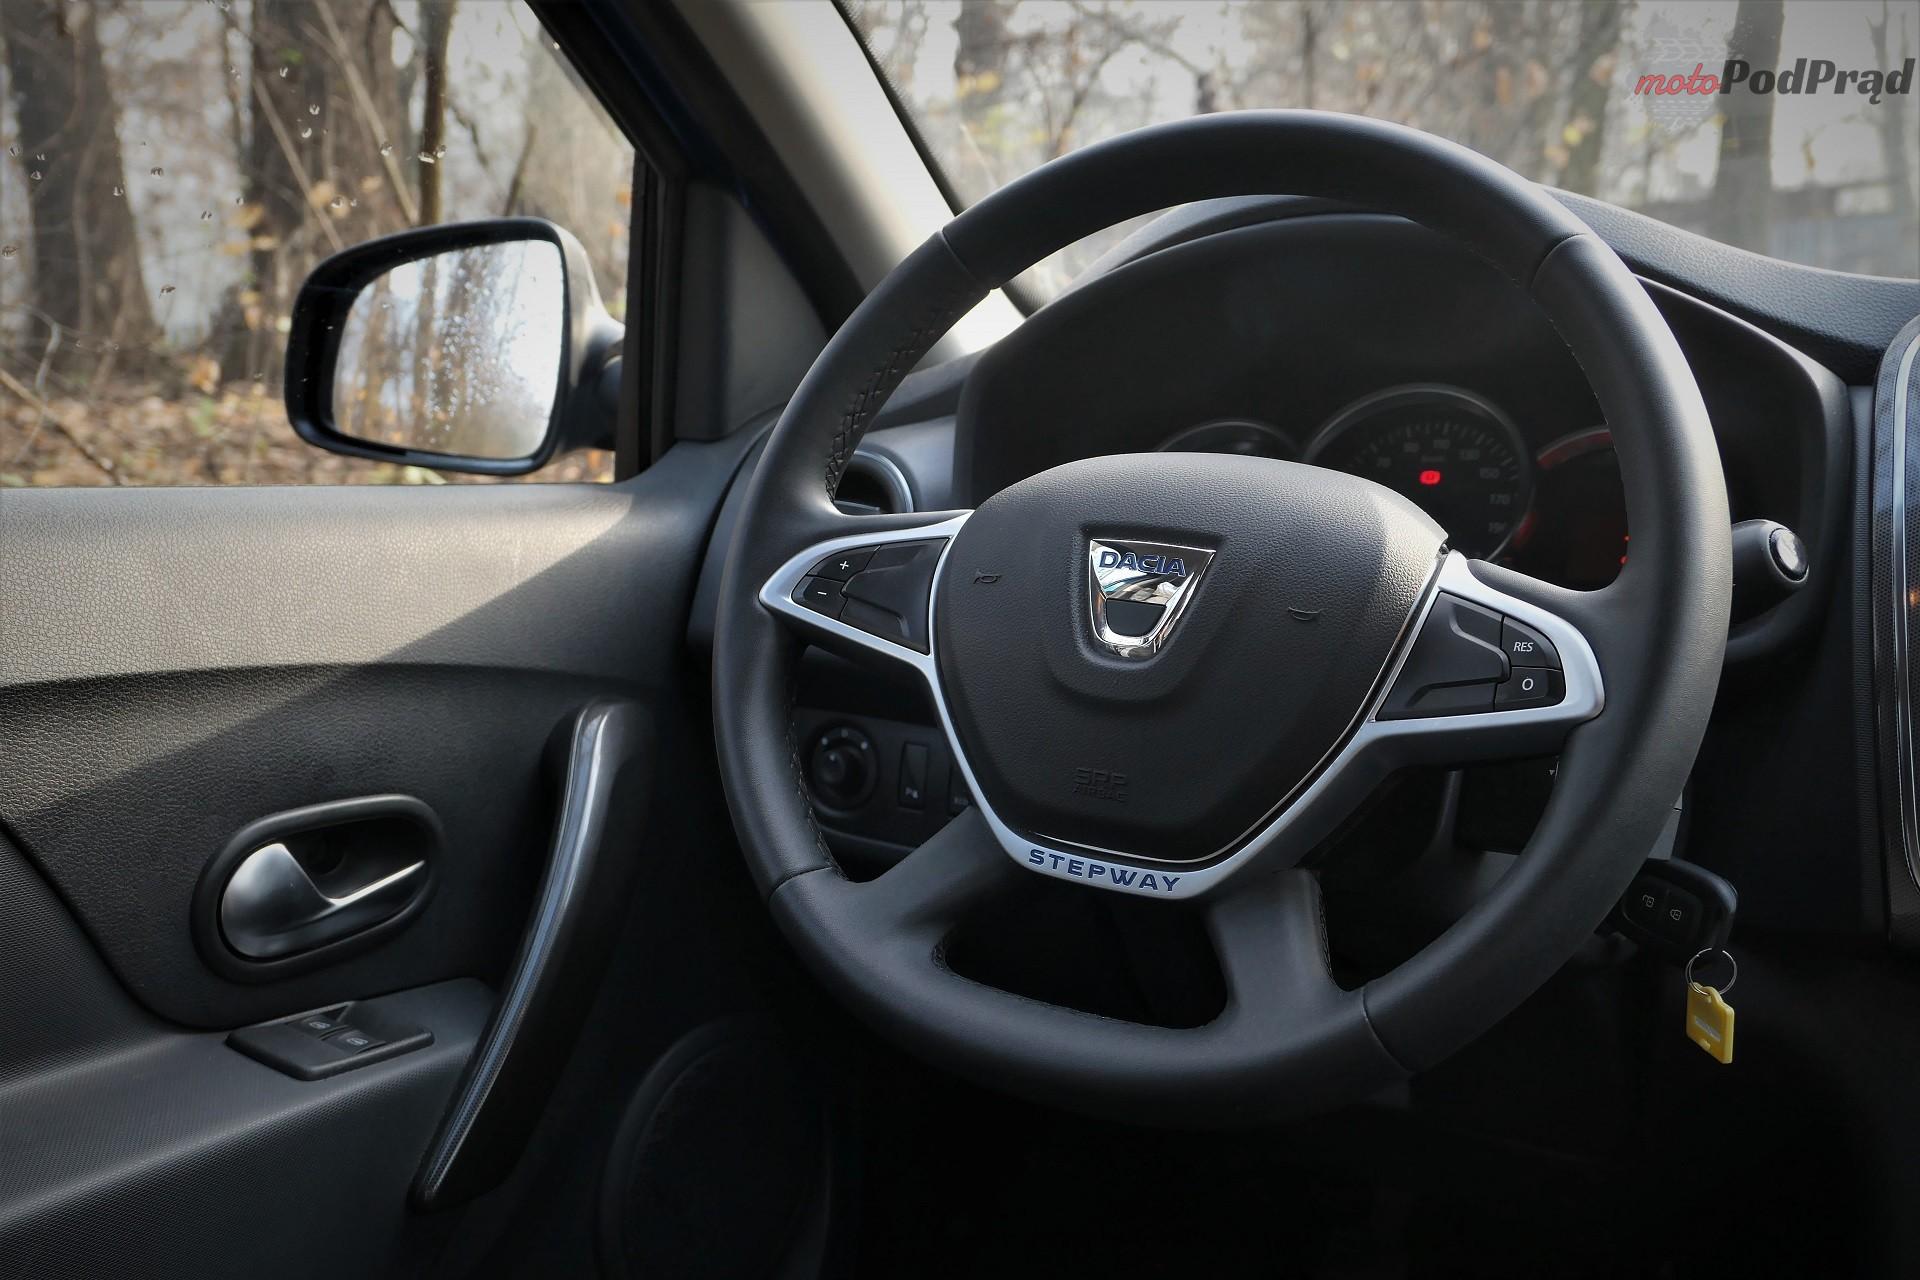 Dacia Sandero Stepway 11 Test: Dacia Sandero Stepway   w prostocie siła